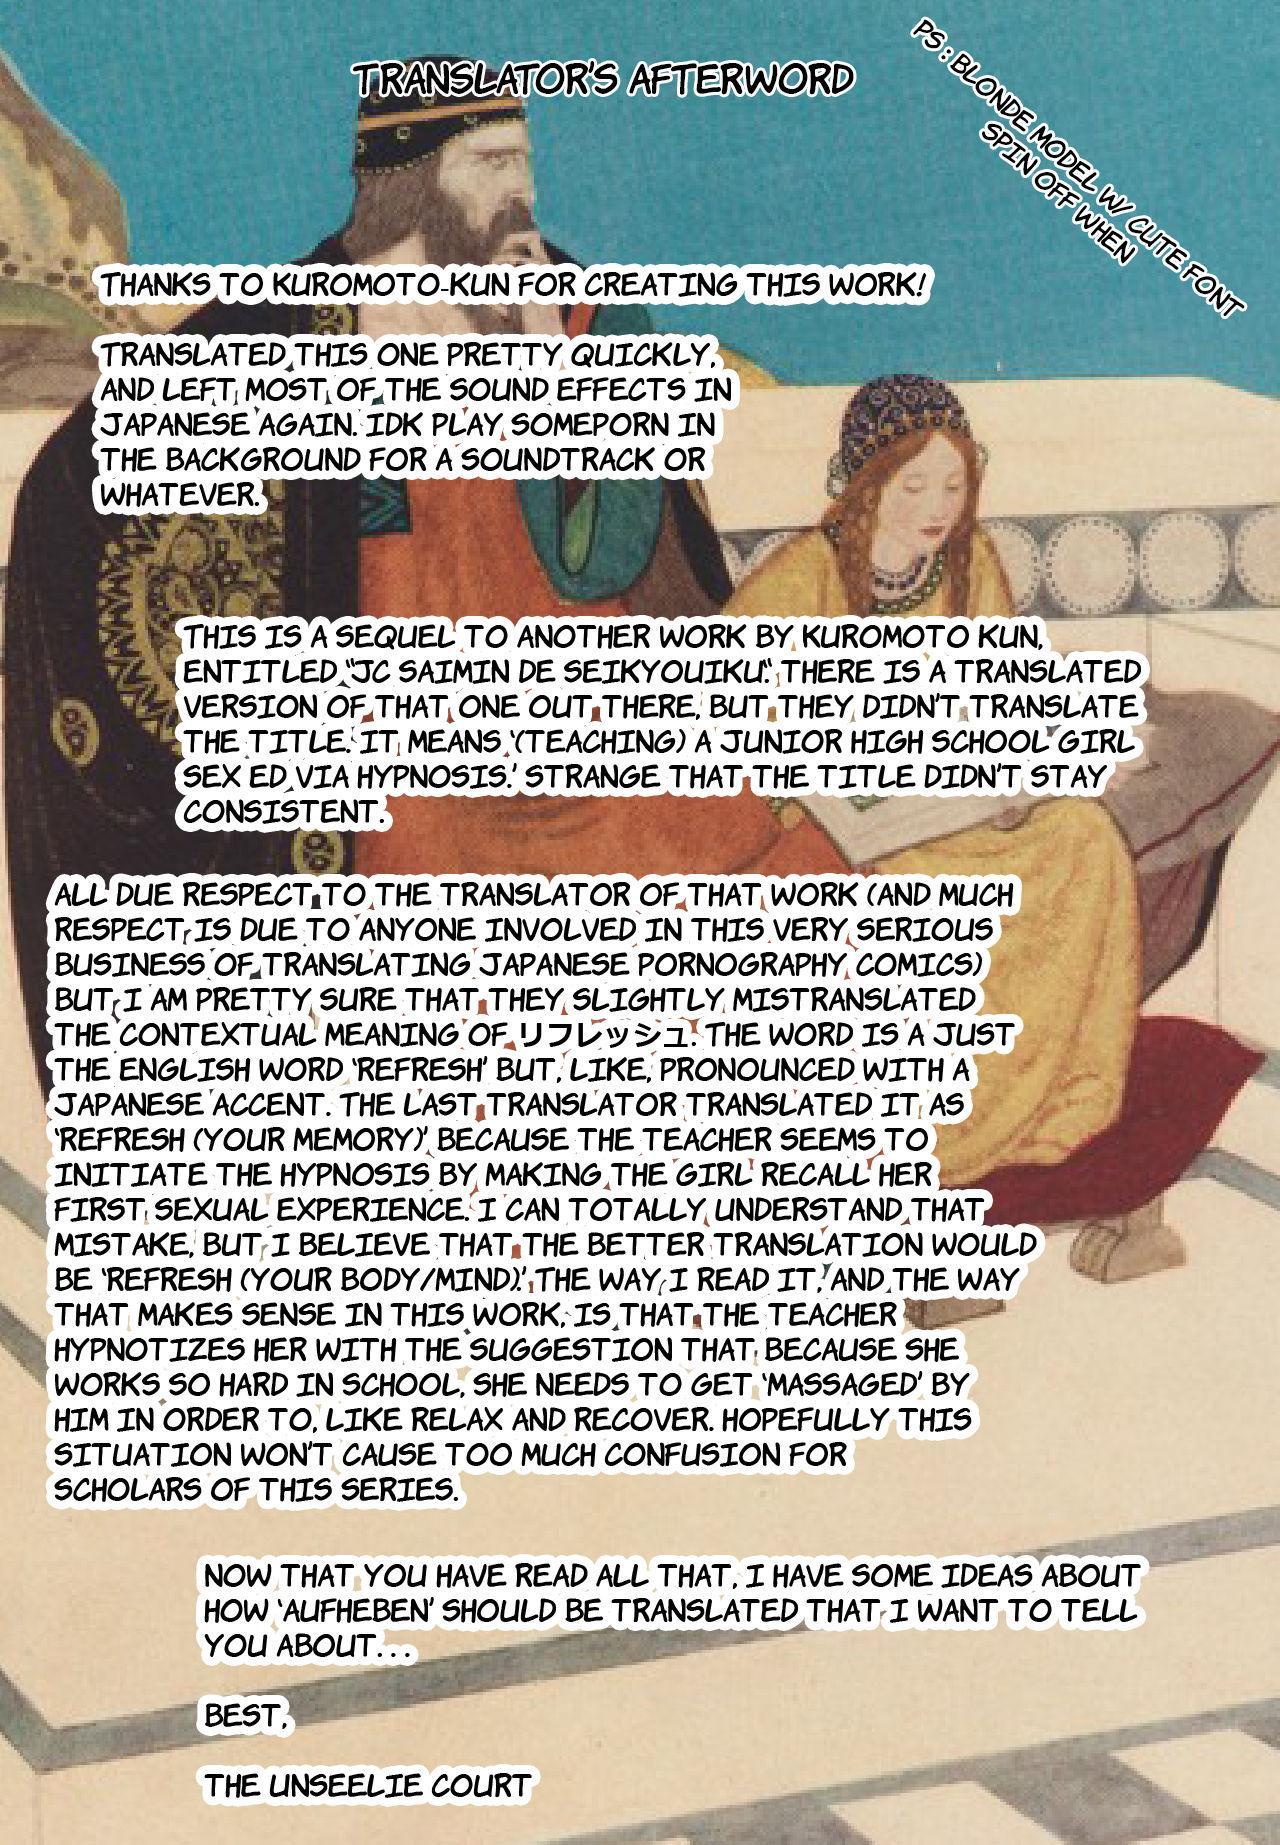 JC Saimin de Seikyouiku 2   Teaching a Beautiful Young Girl Sex-Ed via Hypnosis 2 30